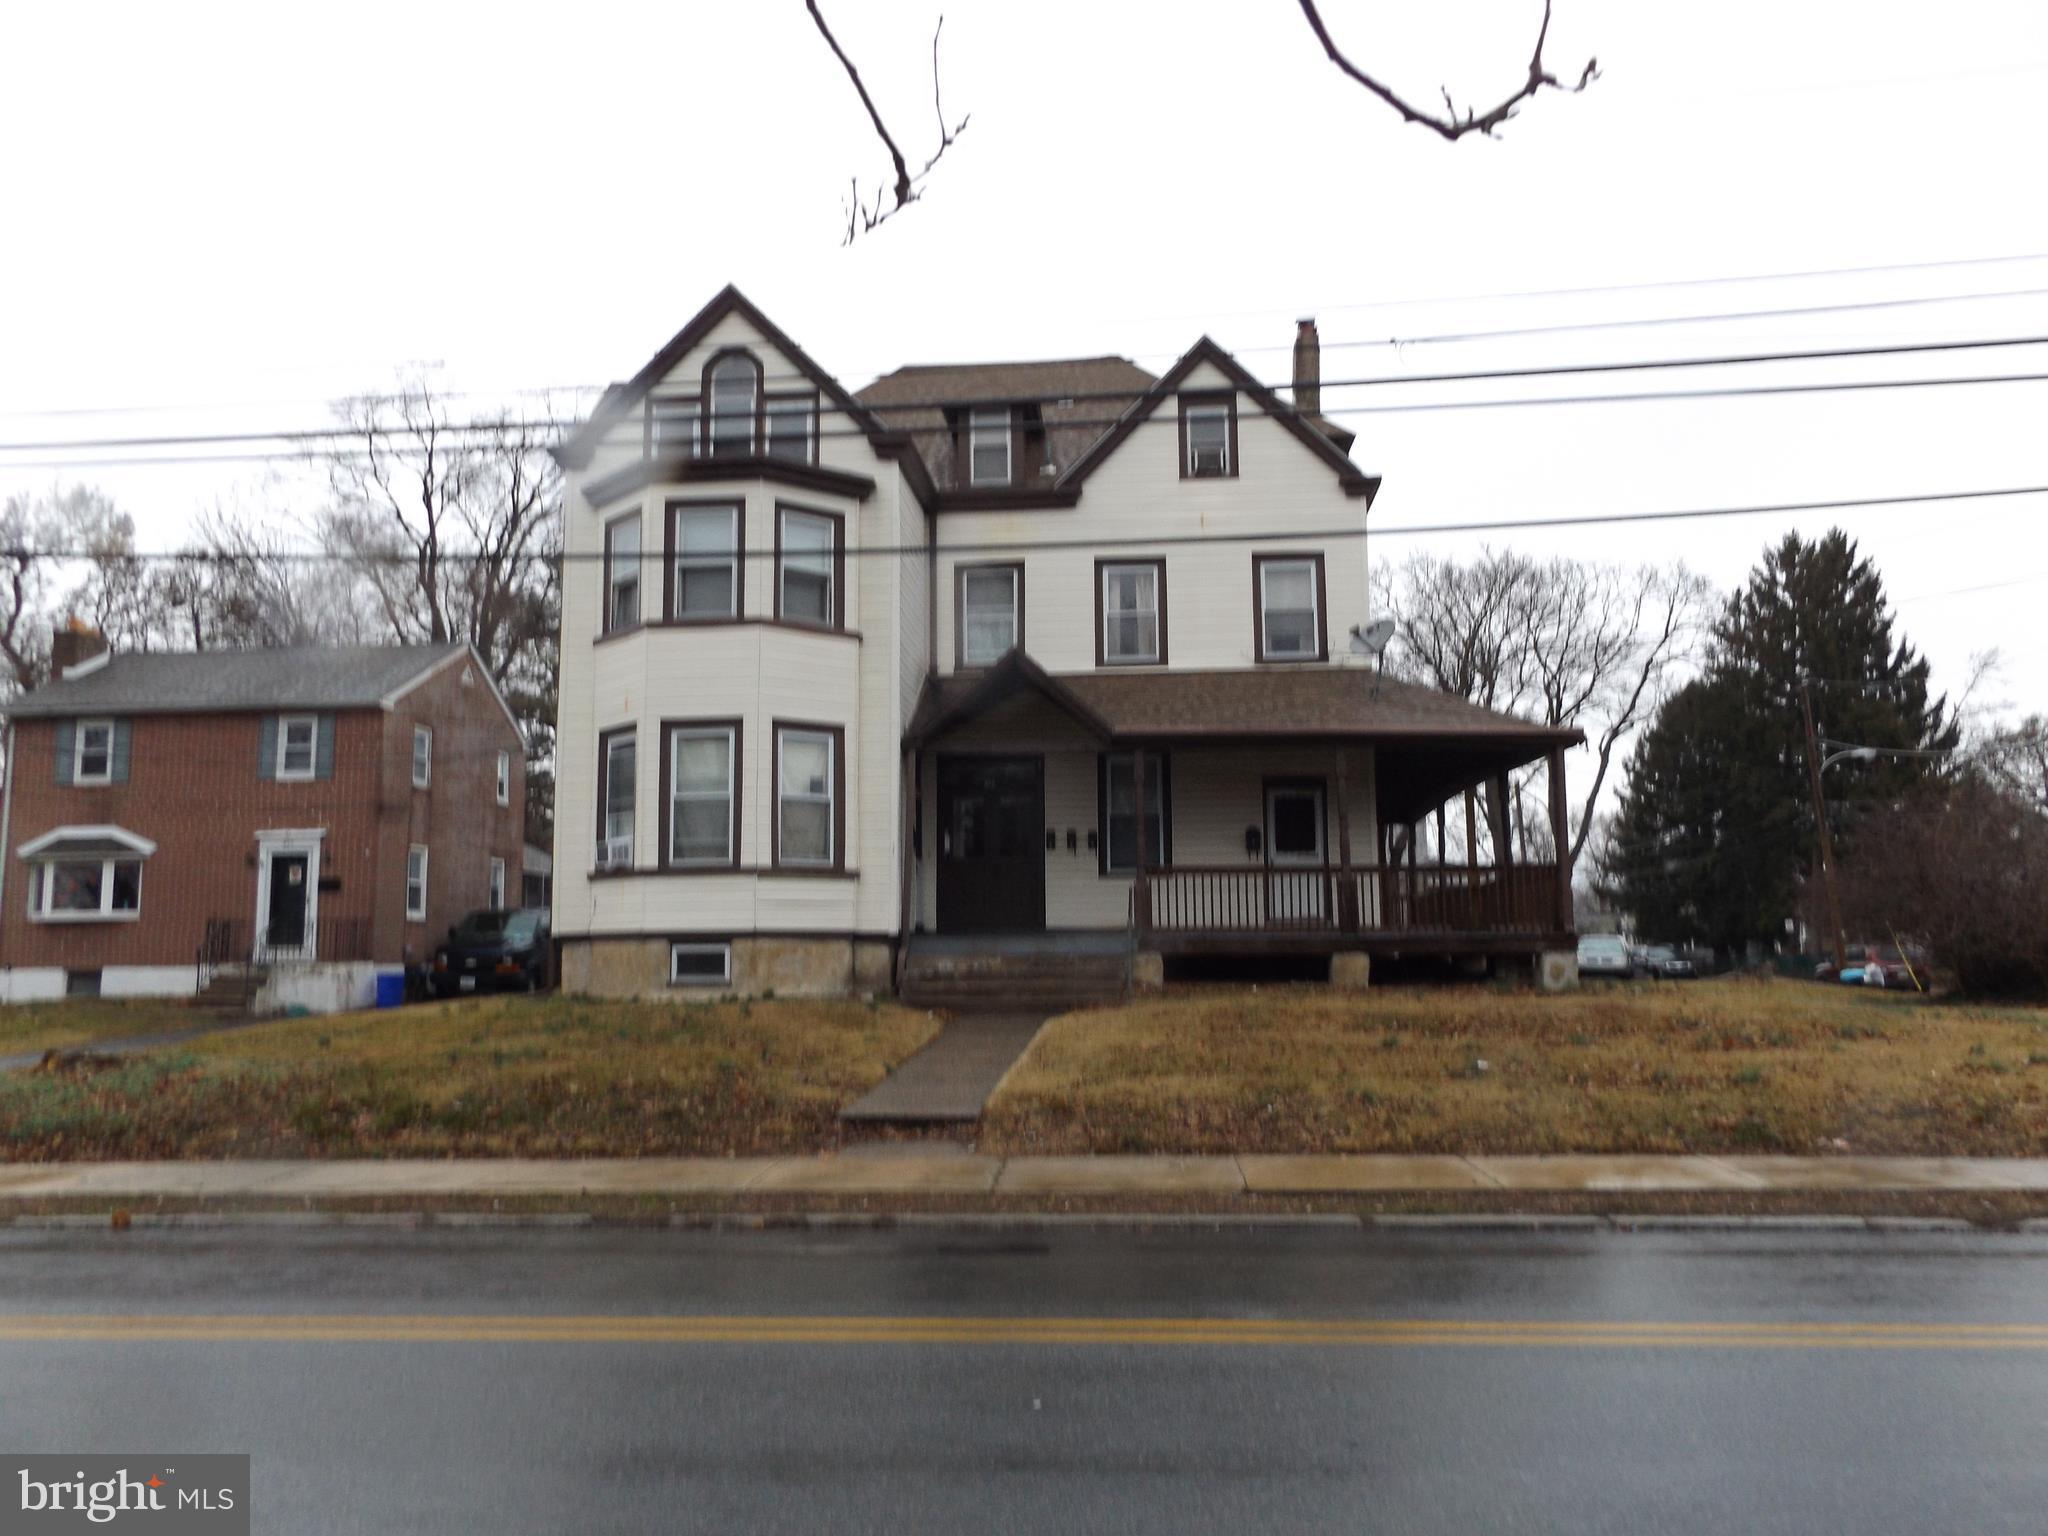 843 13Th Avenue, Prospect Park, PA 19076